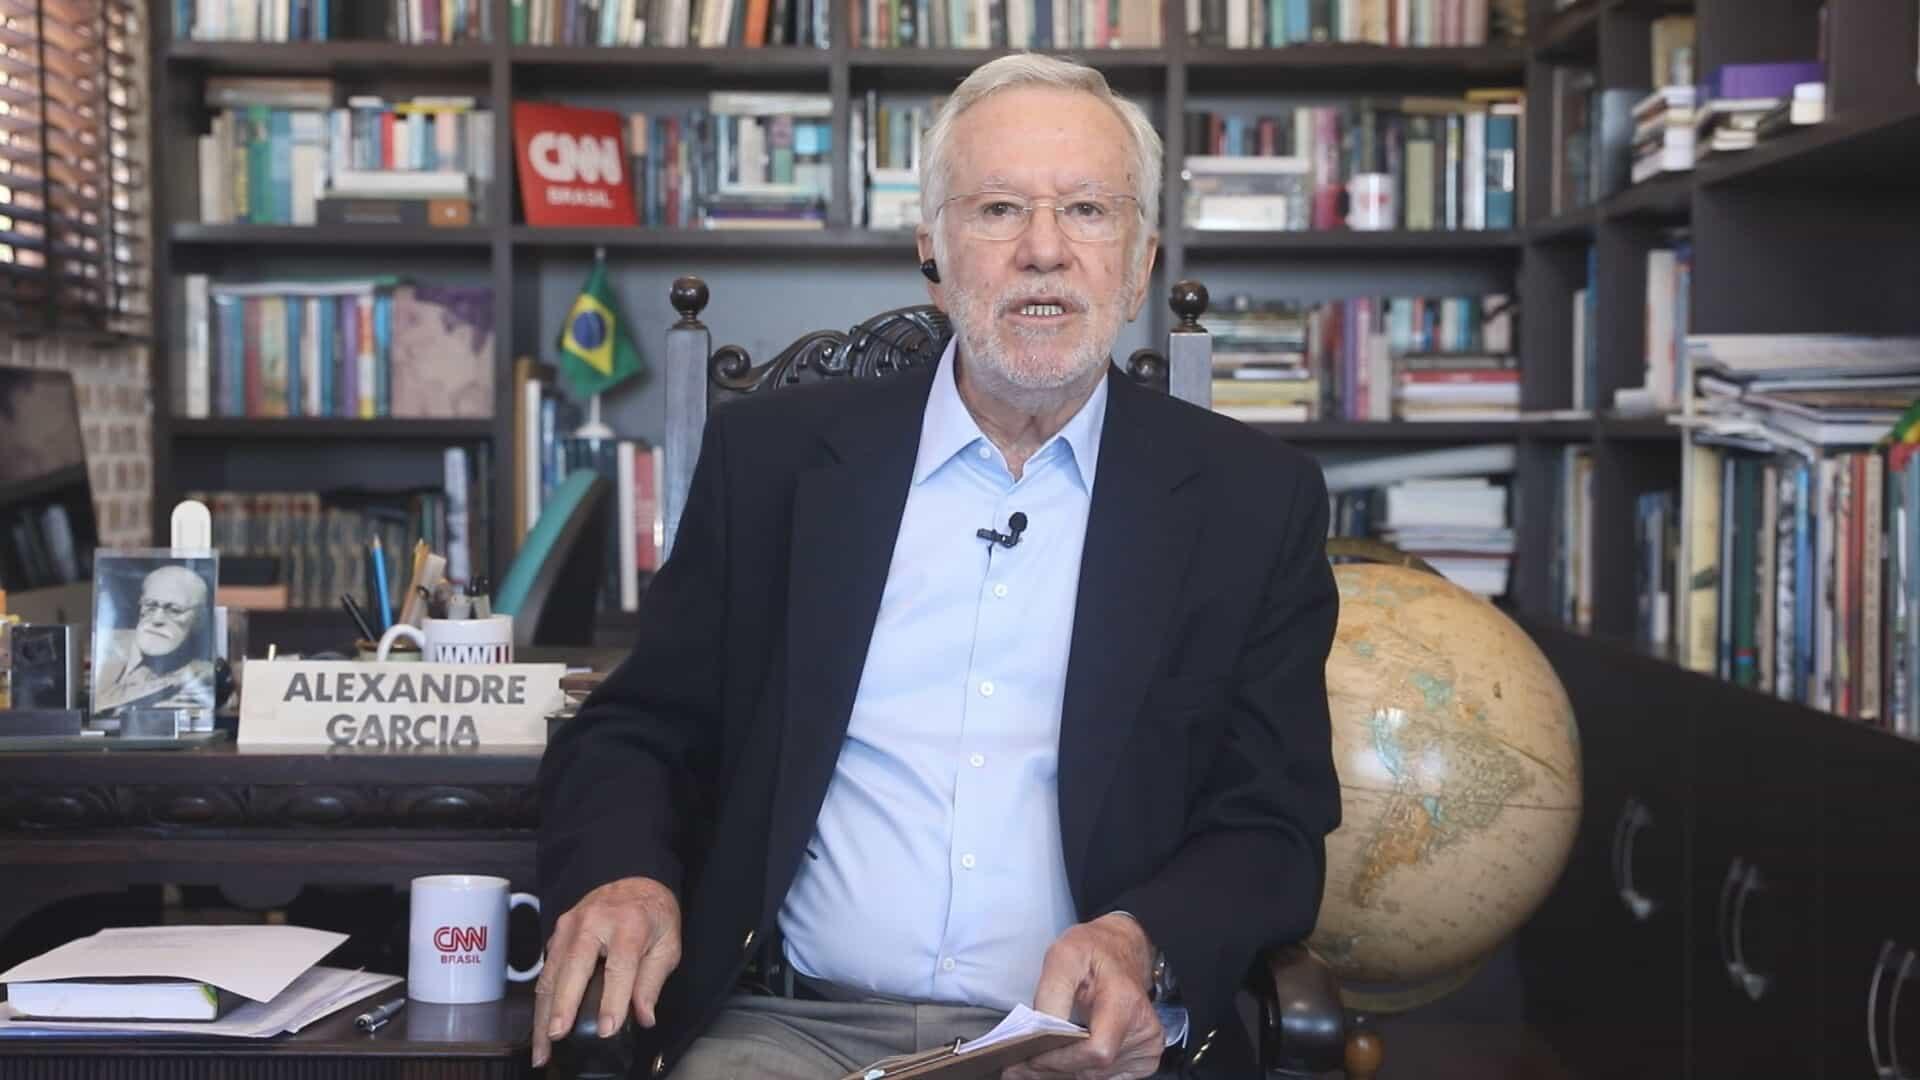 Alexandre Garcia cria 'climão' na CNN ao defender ameaça de Bolsonaro